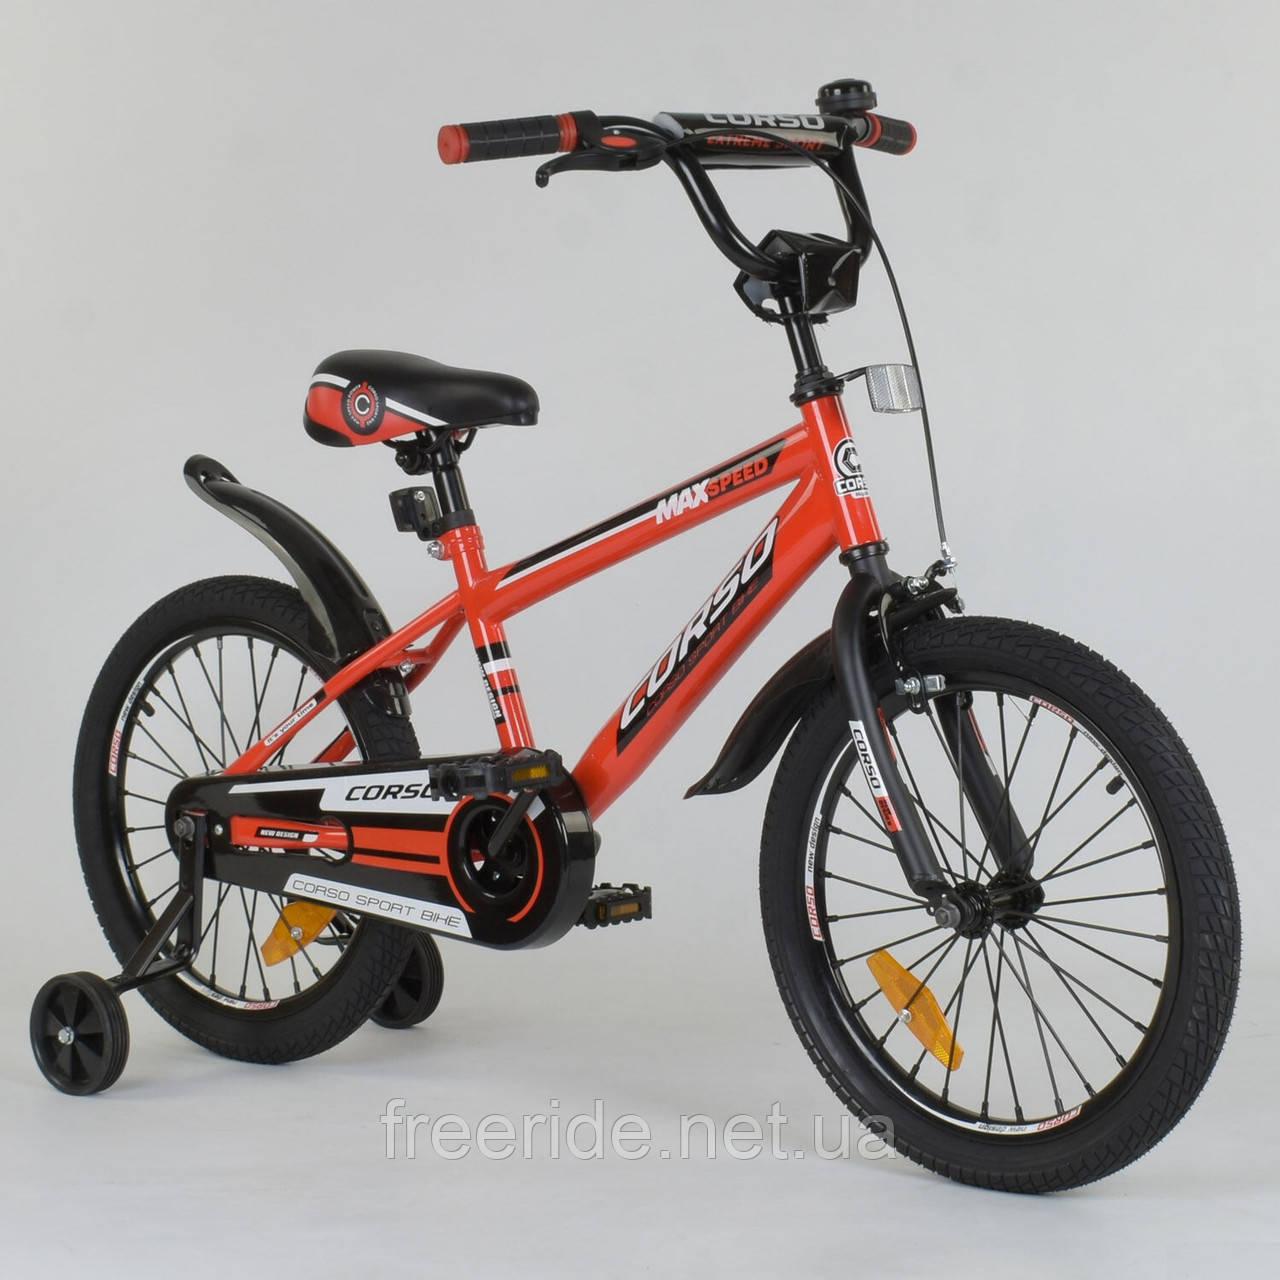 """Детский Велосипед CORSO Aerodynamic 18"""" ST с усиленными спицами"""